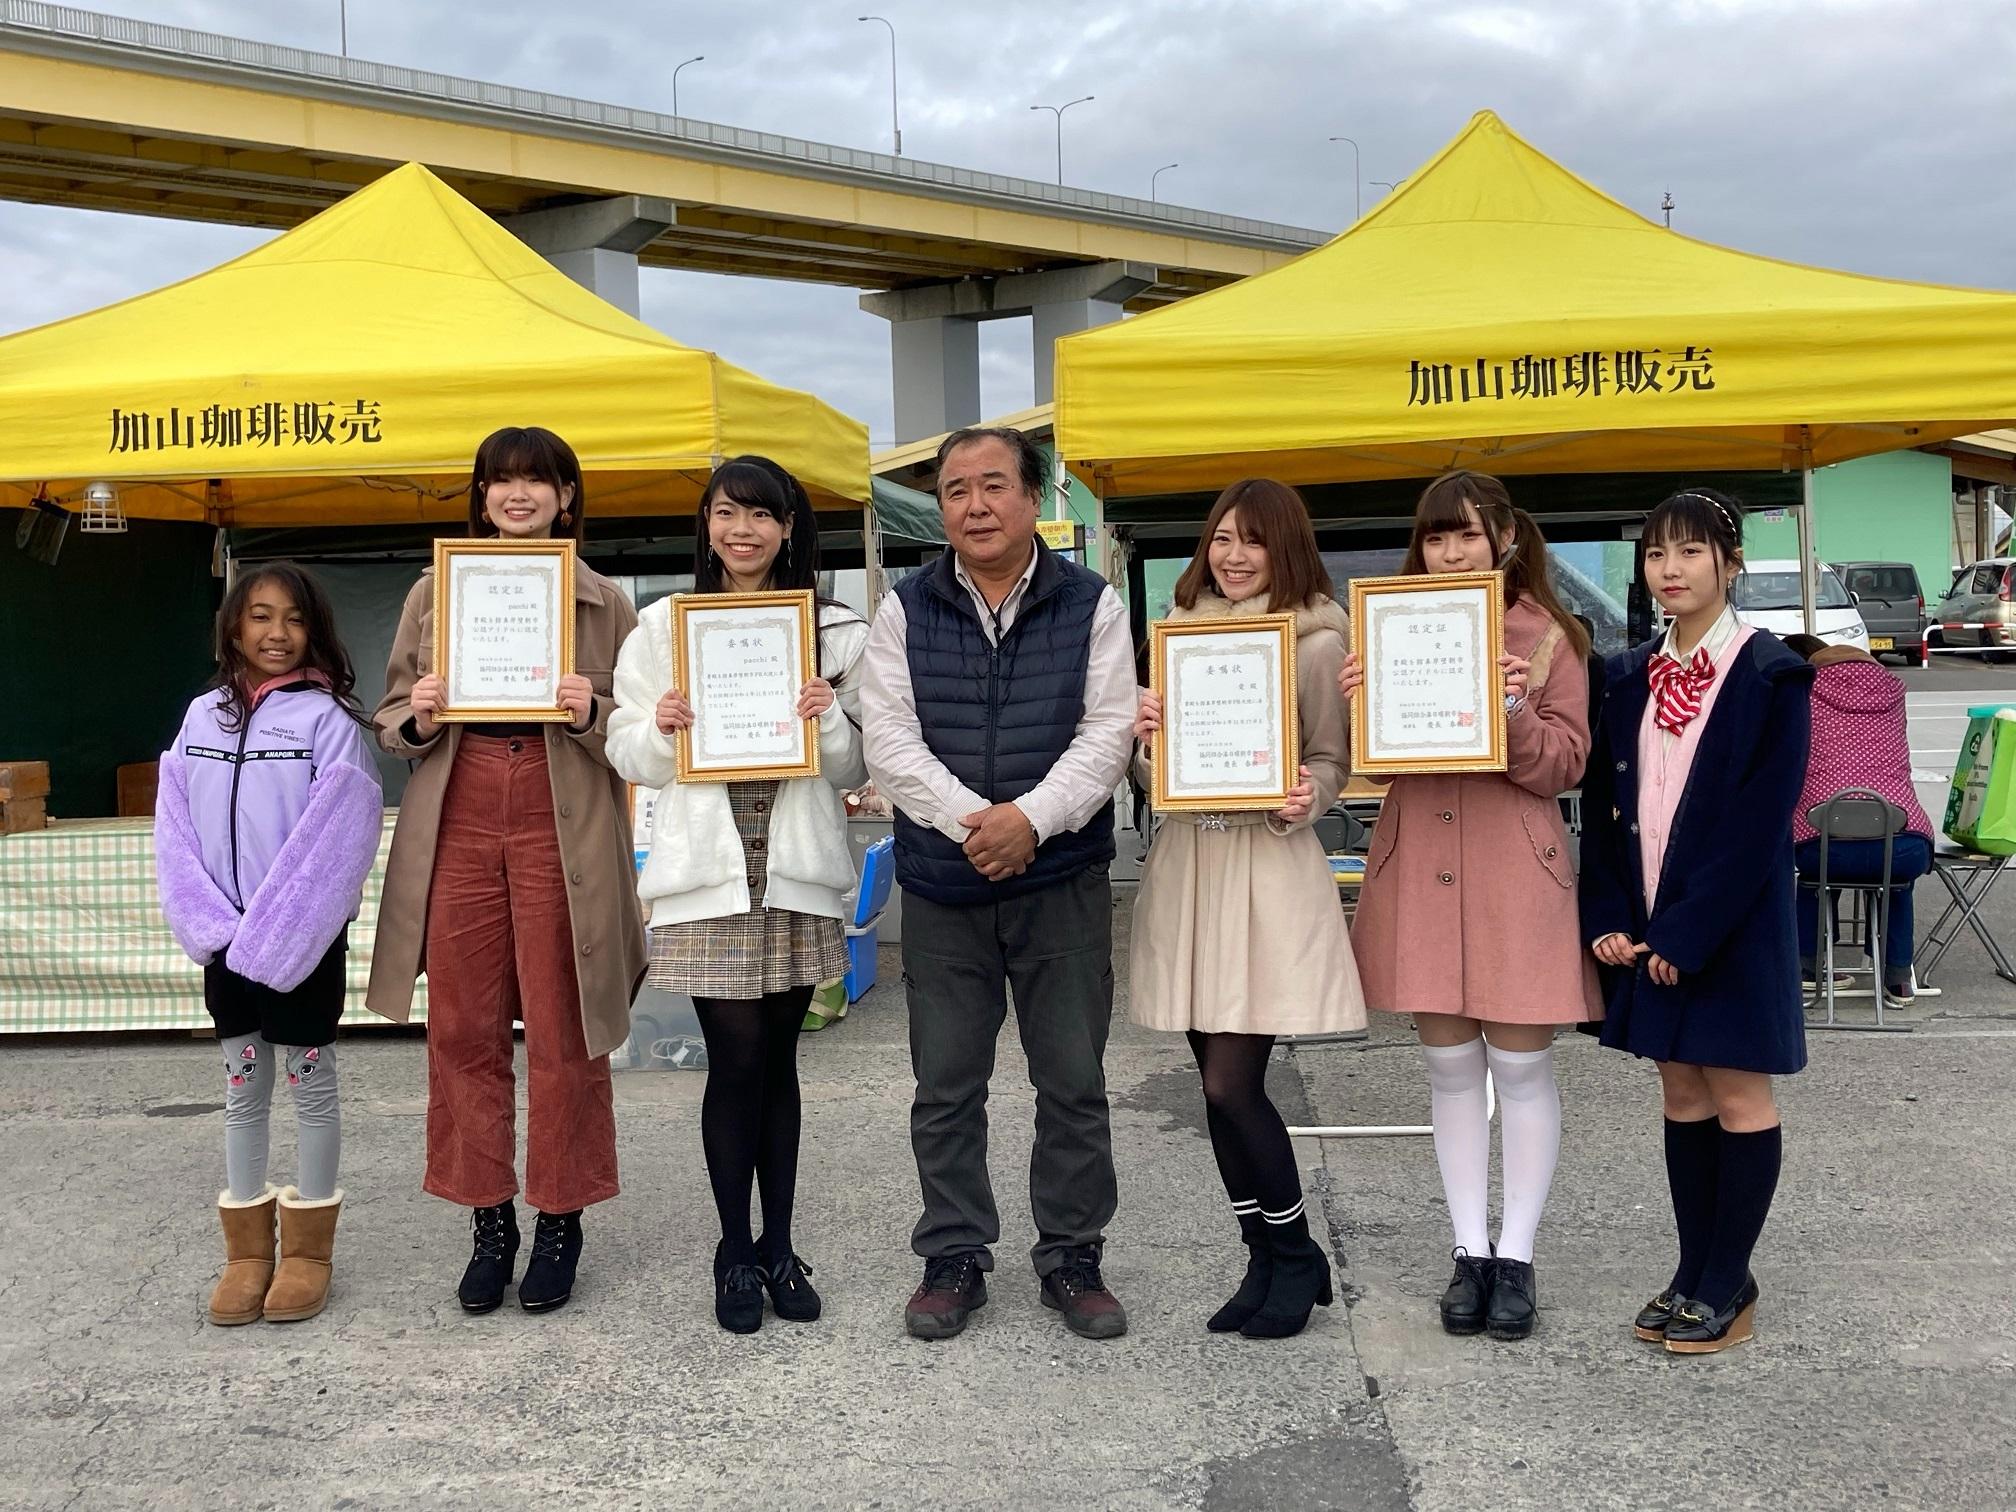 青森県八戸市のご当地アイドル「愛」「pacchi」がPR大使と公認アイドルW(ダブル)認定!八戸市長へ訪問